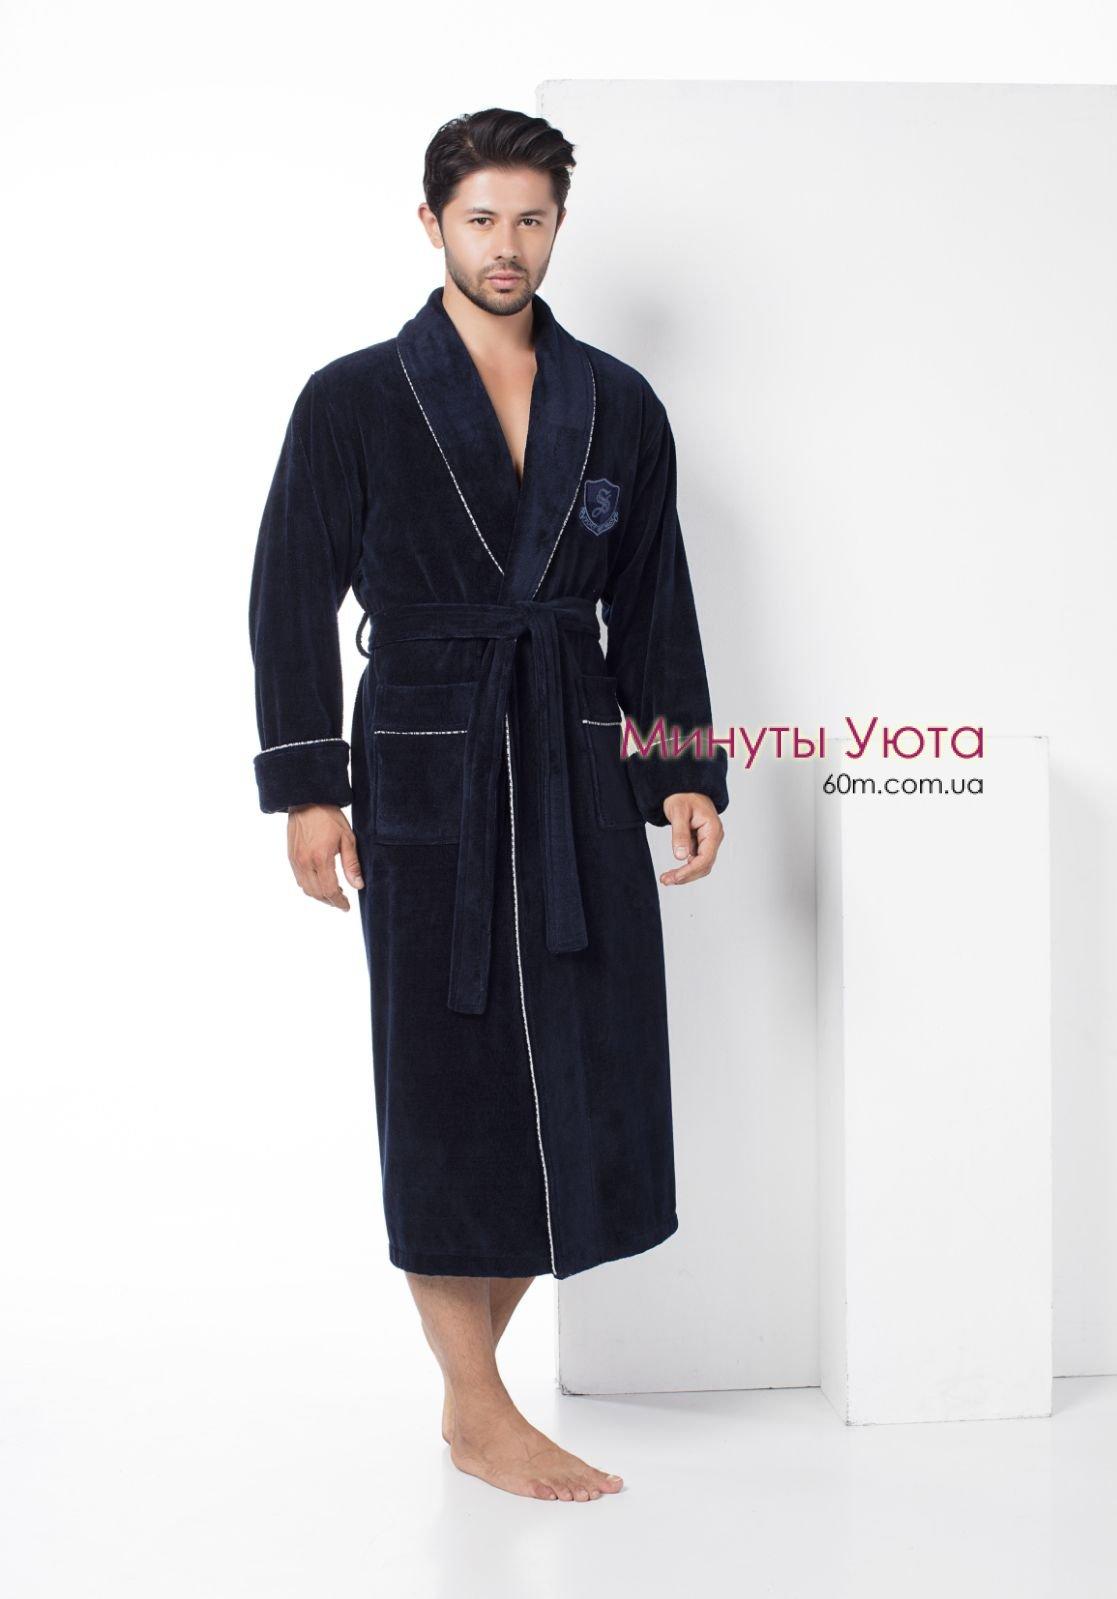 8bf70a340b639 Синій халат махровий чоловічий купити в Дніпрі (Nusa, бавовна ...